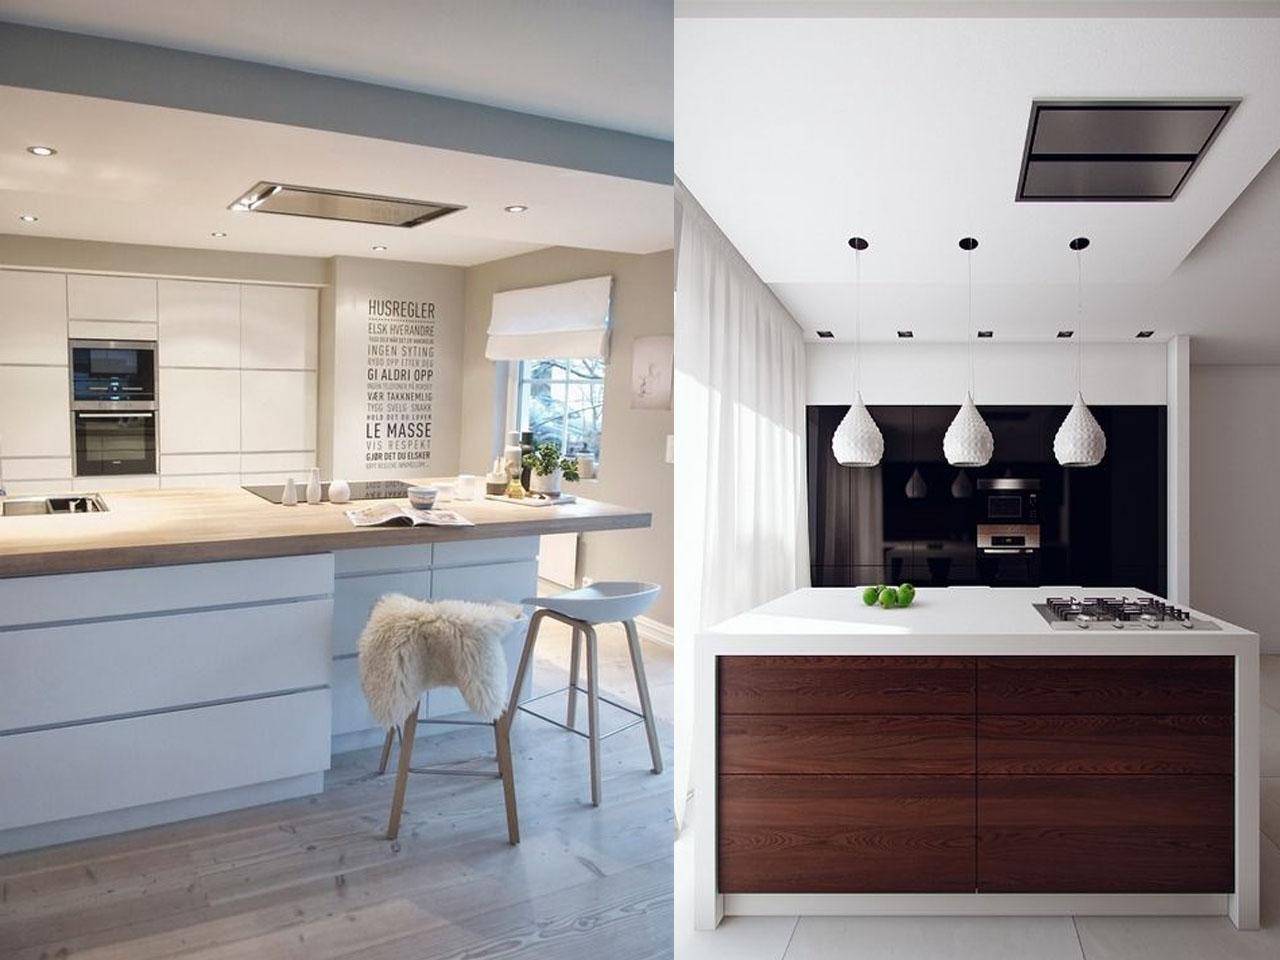 Tendencias cocinas 2017: el nuevo centro de tu hogar